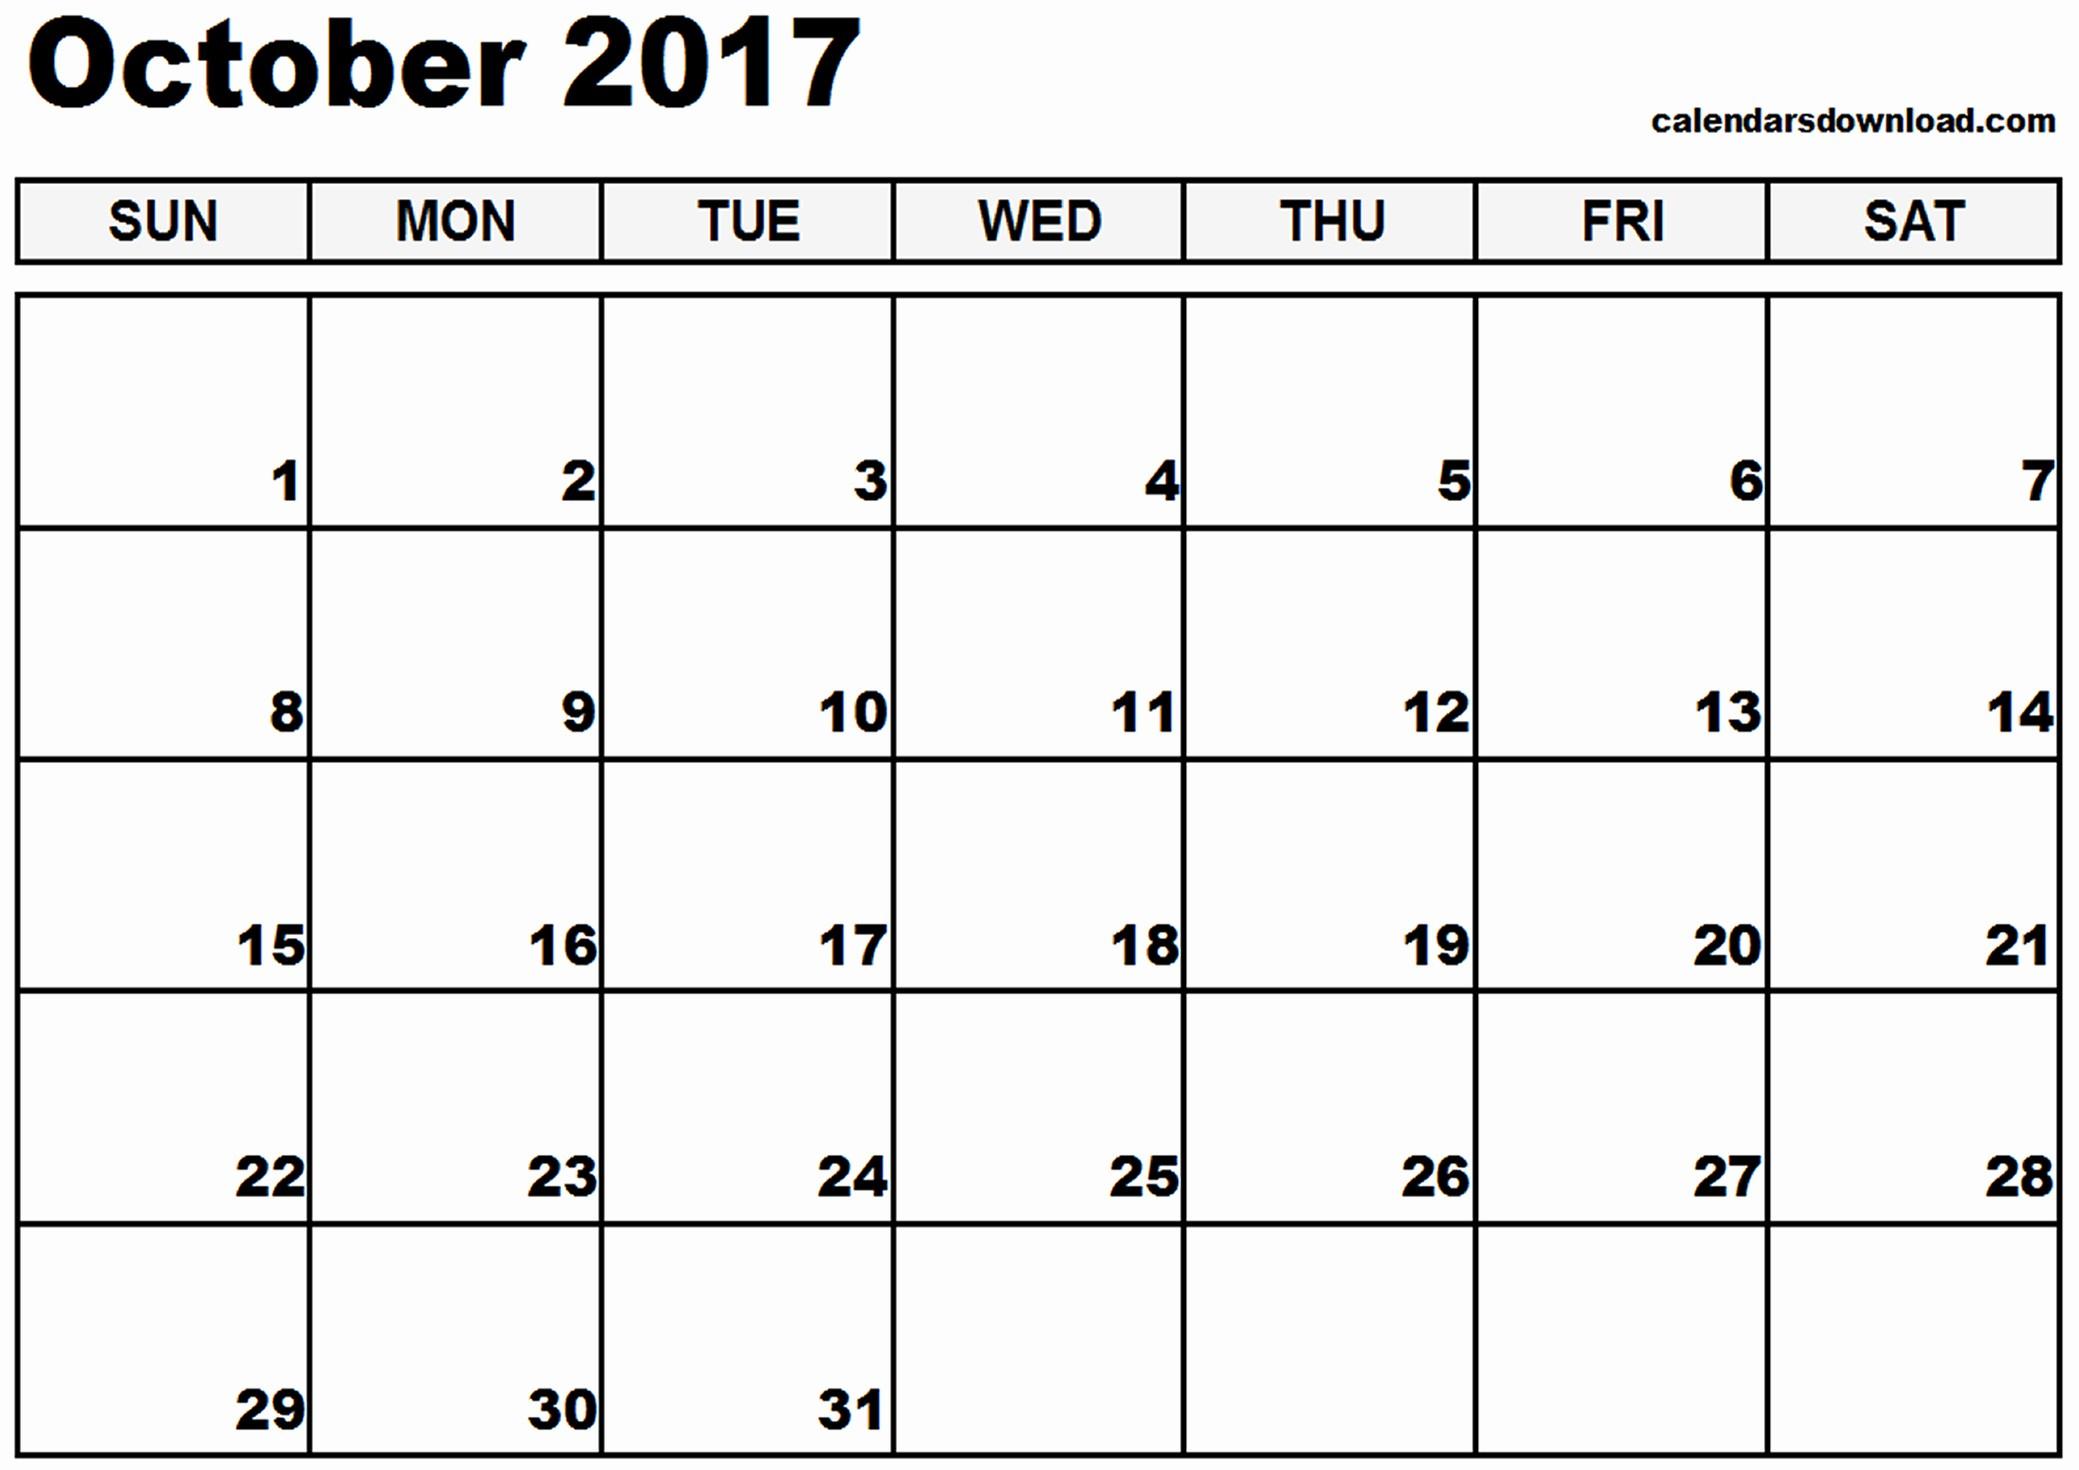 Blank Calendar Template August 2017 Best Of Blank October 2017 Calendar